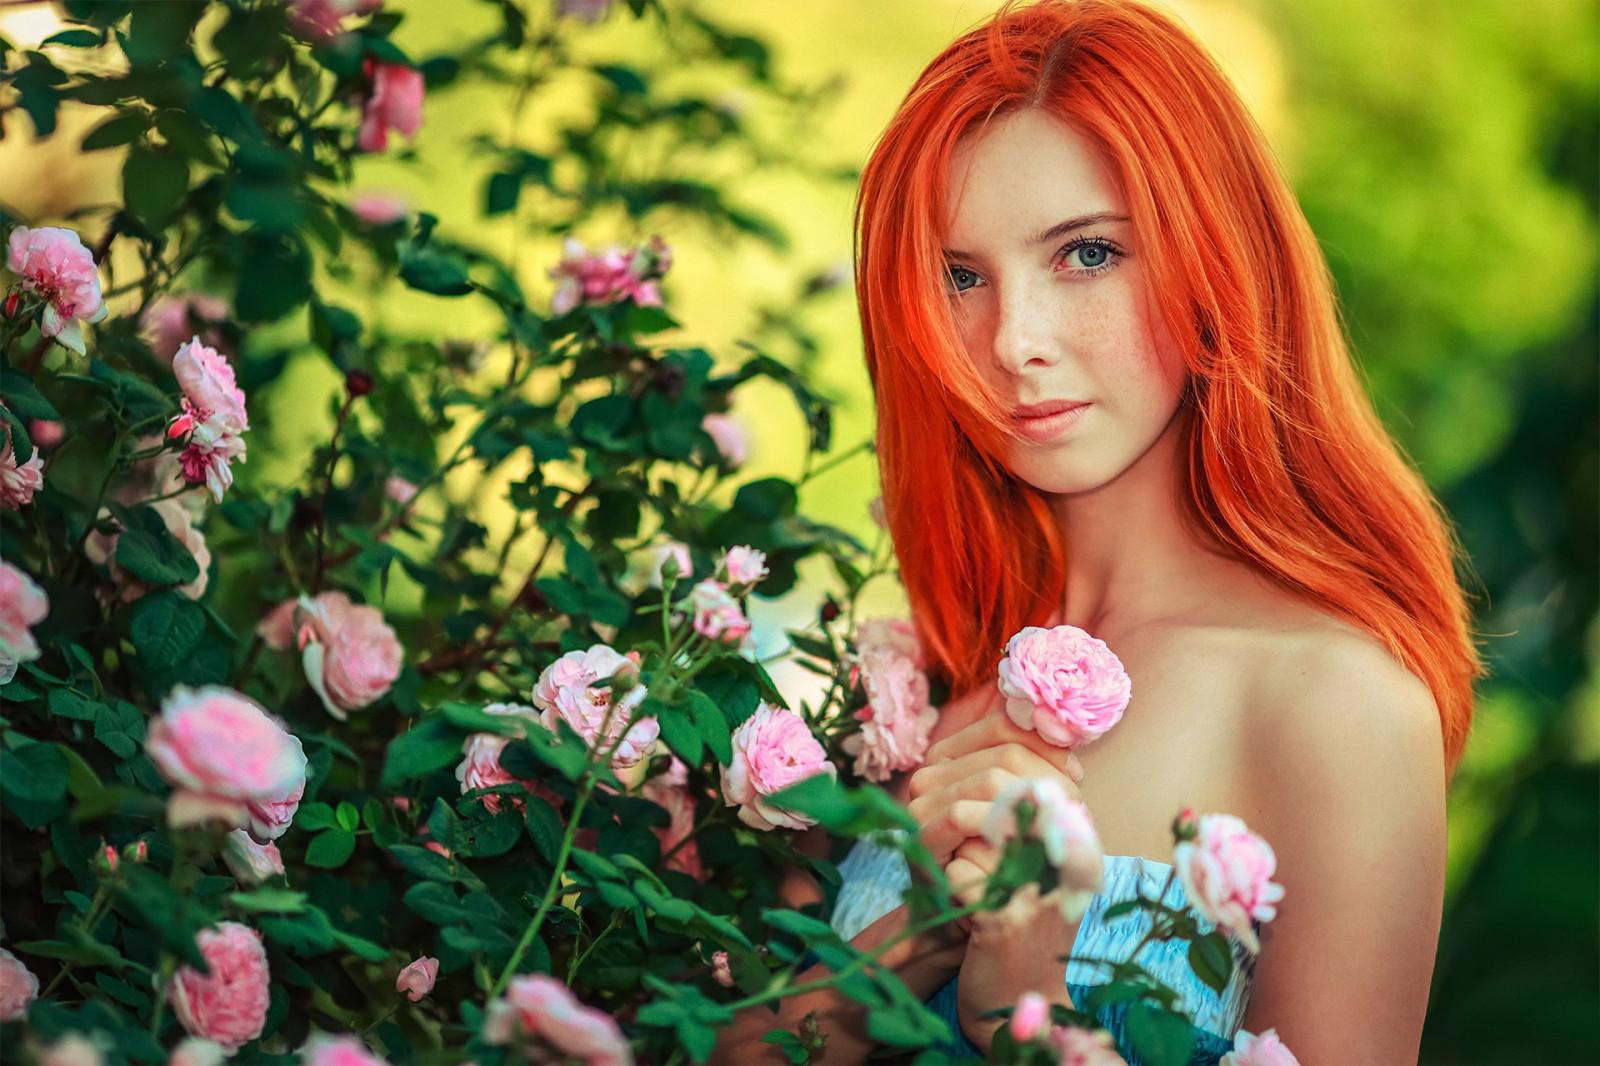 фотографии ярко рыжих девушек - 3